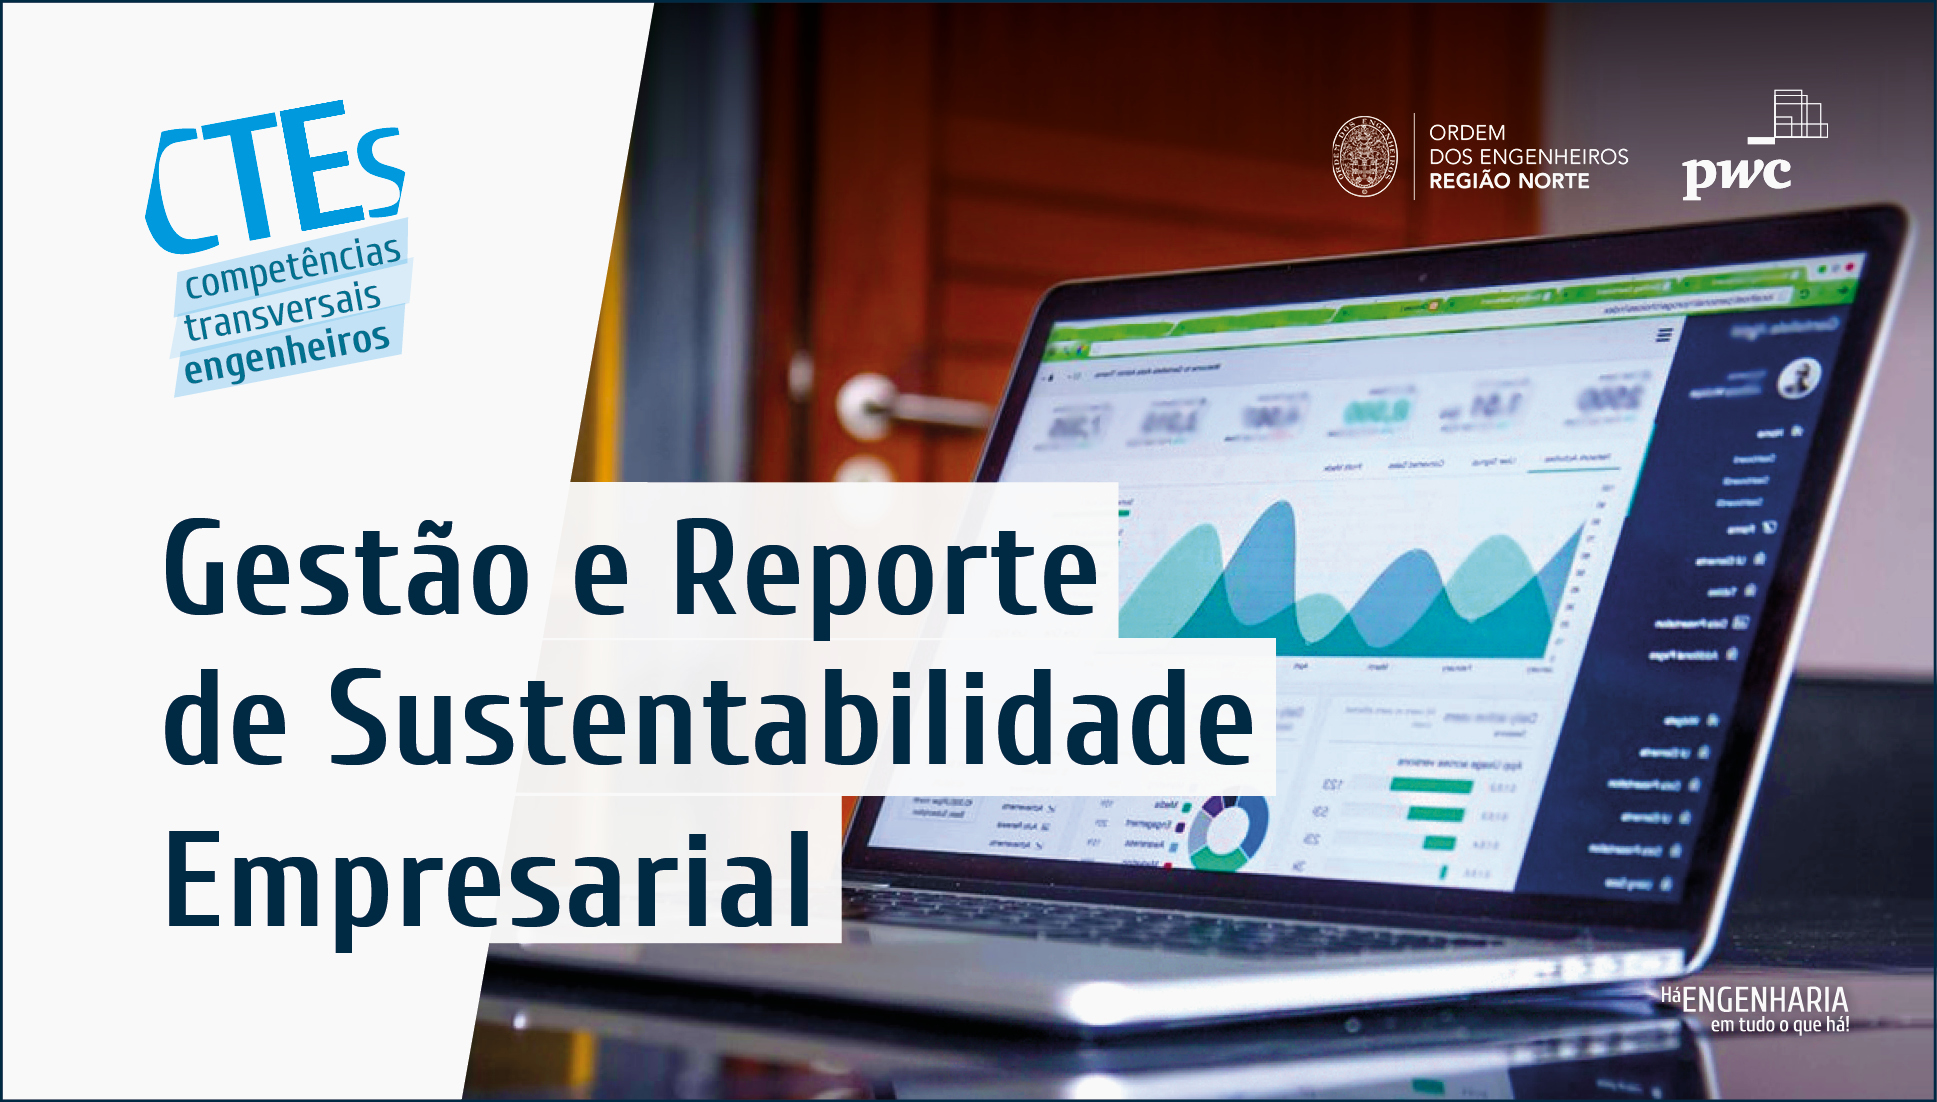 Plataforma Notícias Ordem Engenheiros Região Norte - [CTEs] Gestão e Reporte de Sustentabilidade Empresarial